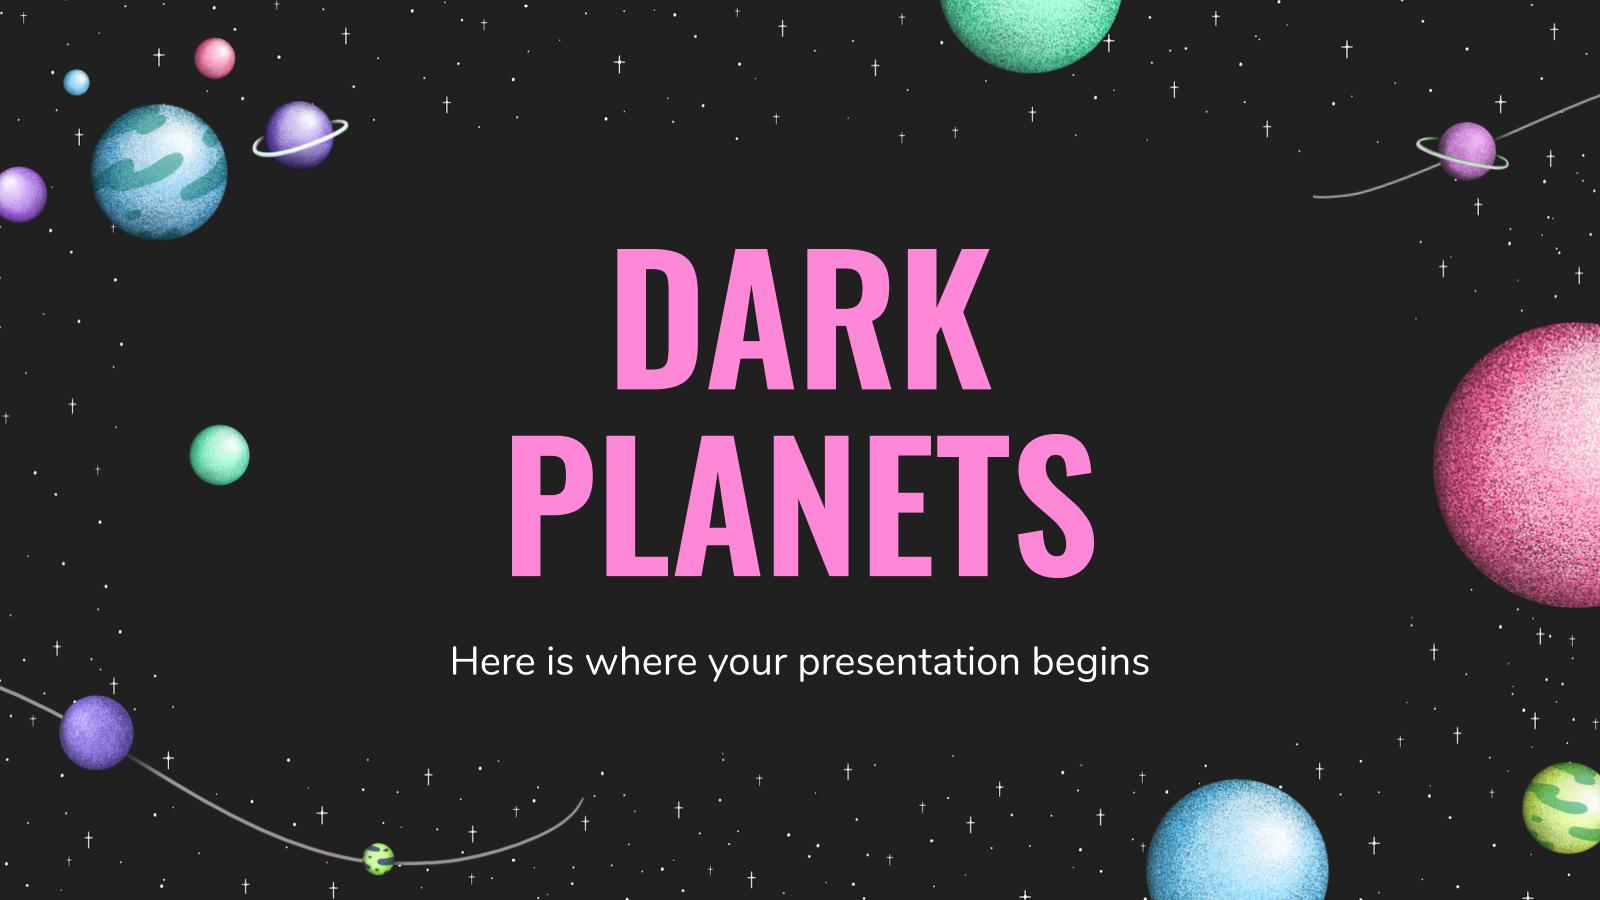 Modelo de apresentação Planetas escuros